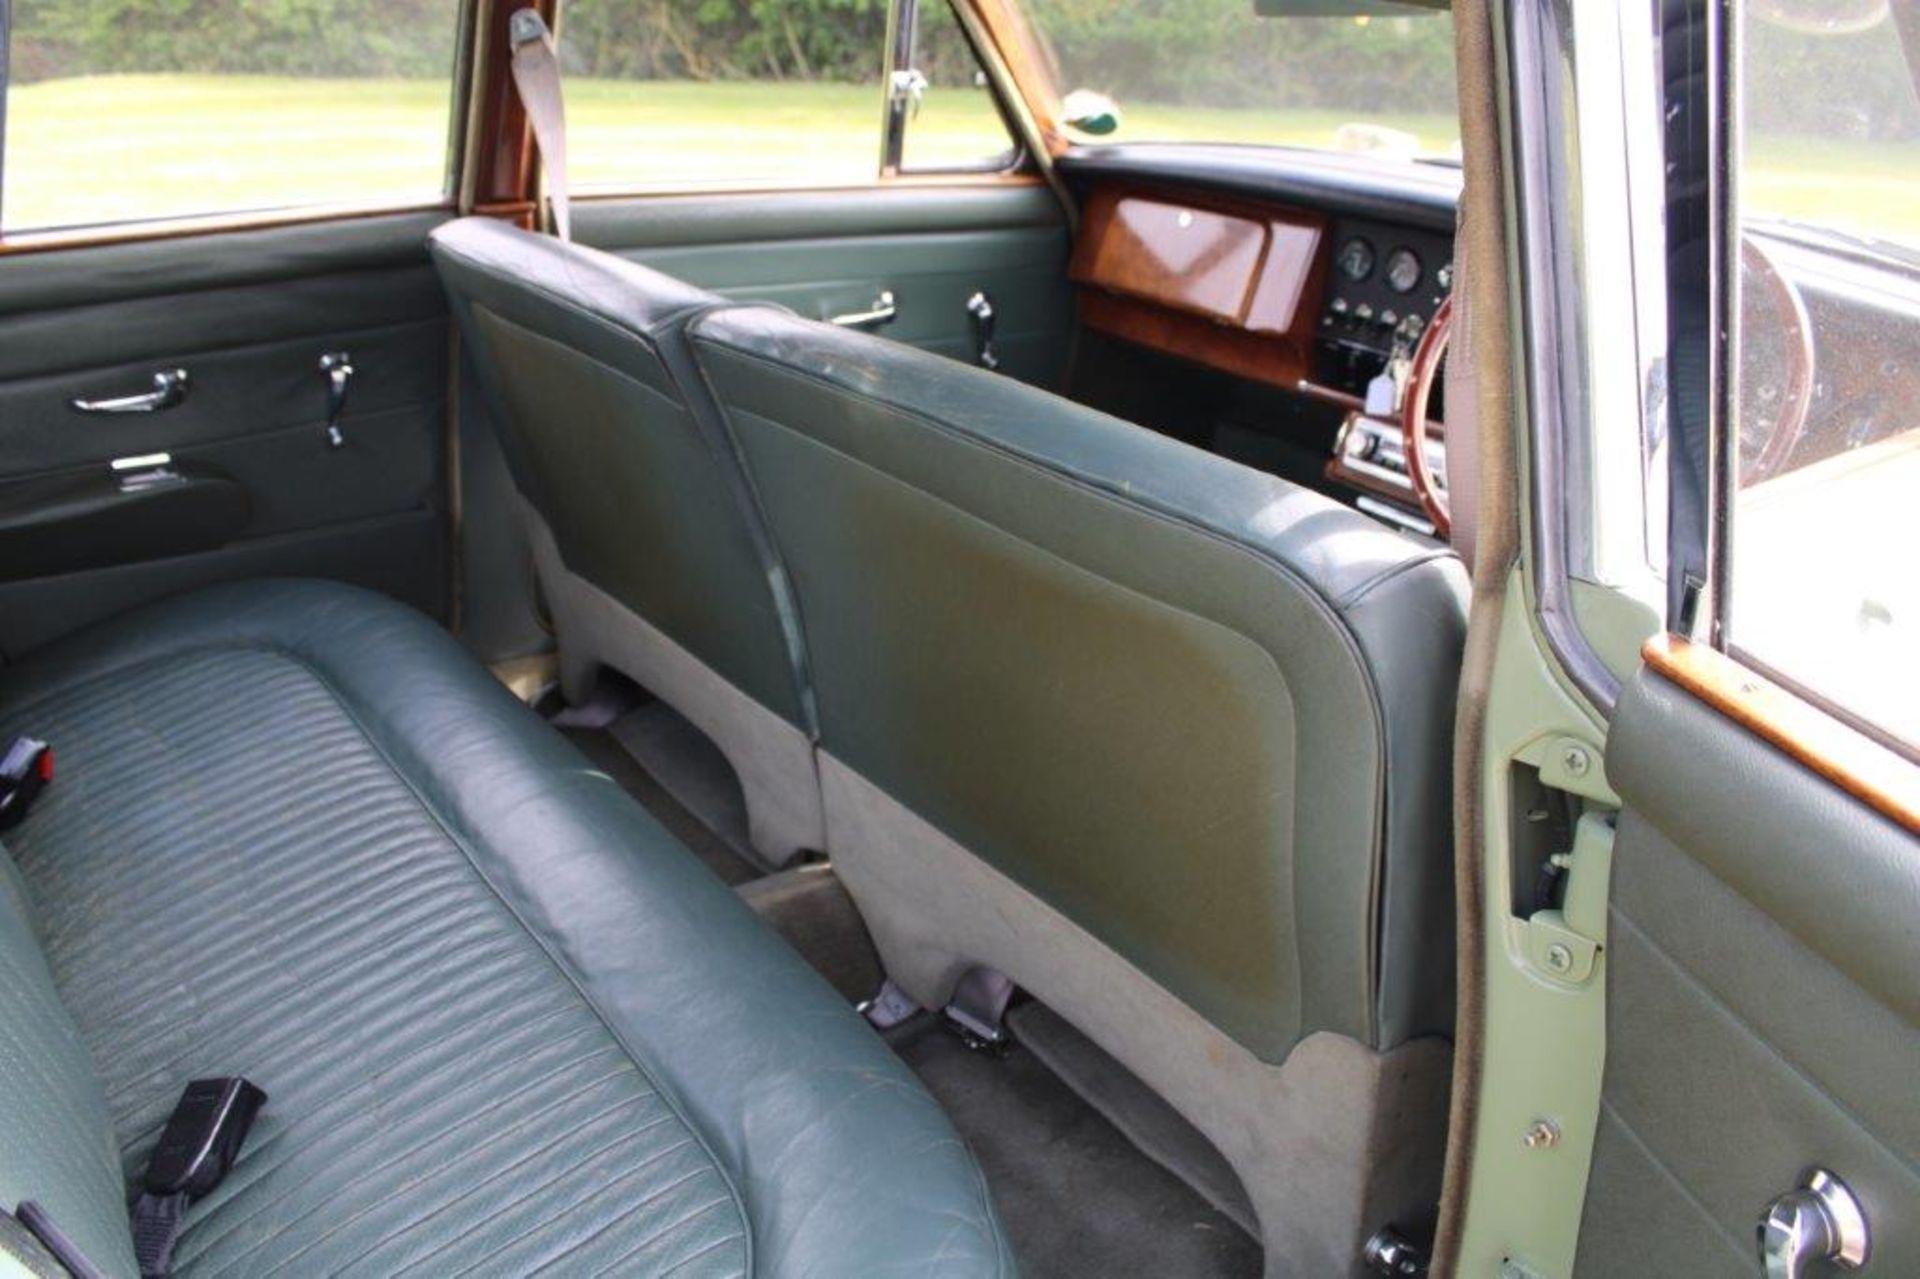 1968 Daimler V8 250 Auto - Image 13 of 30